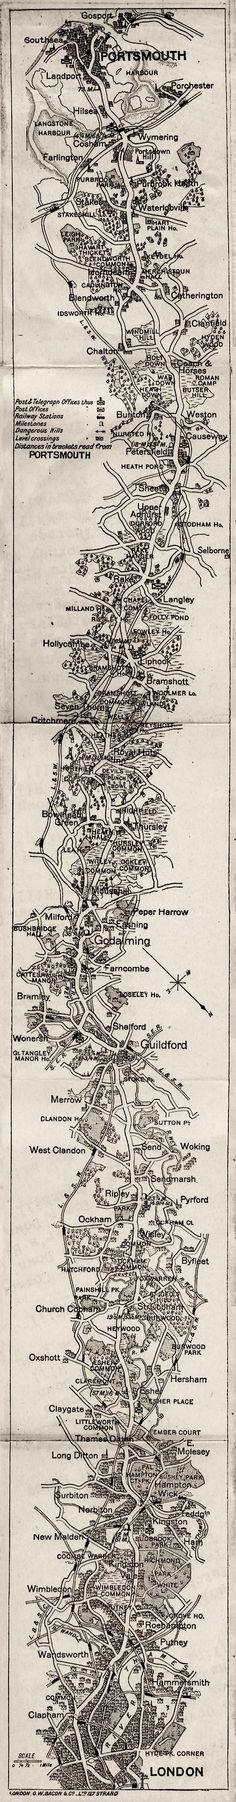 map image,   button to description